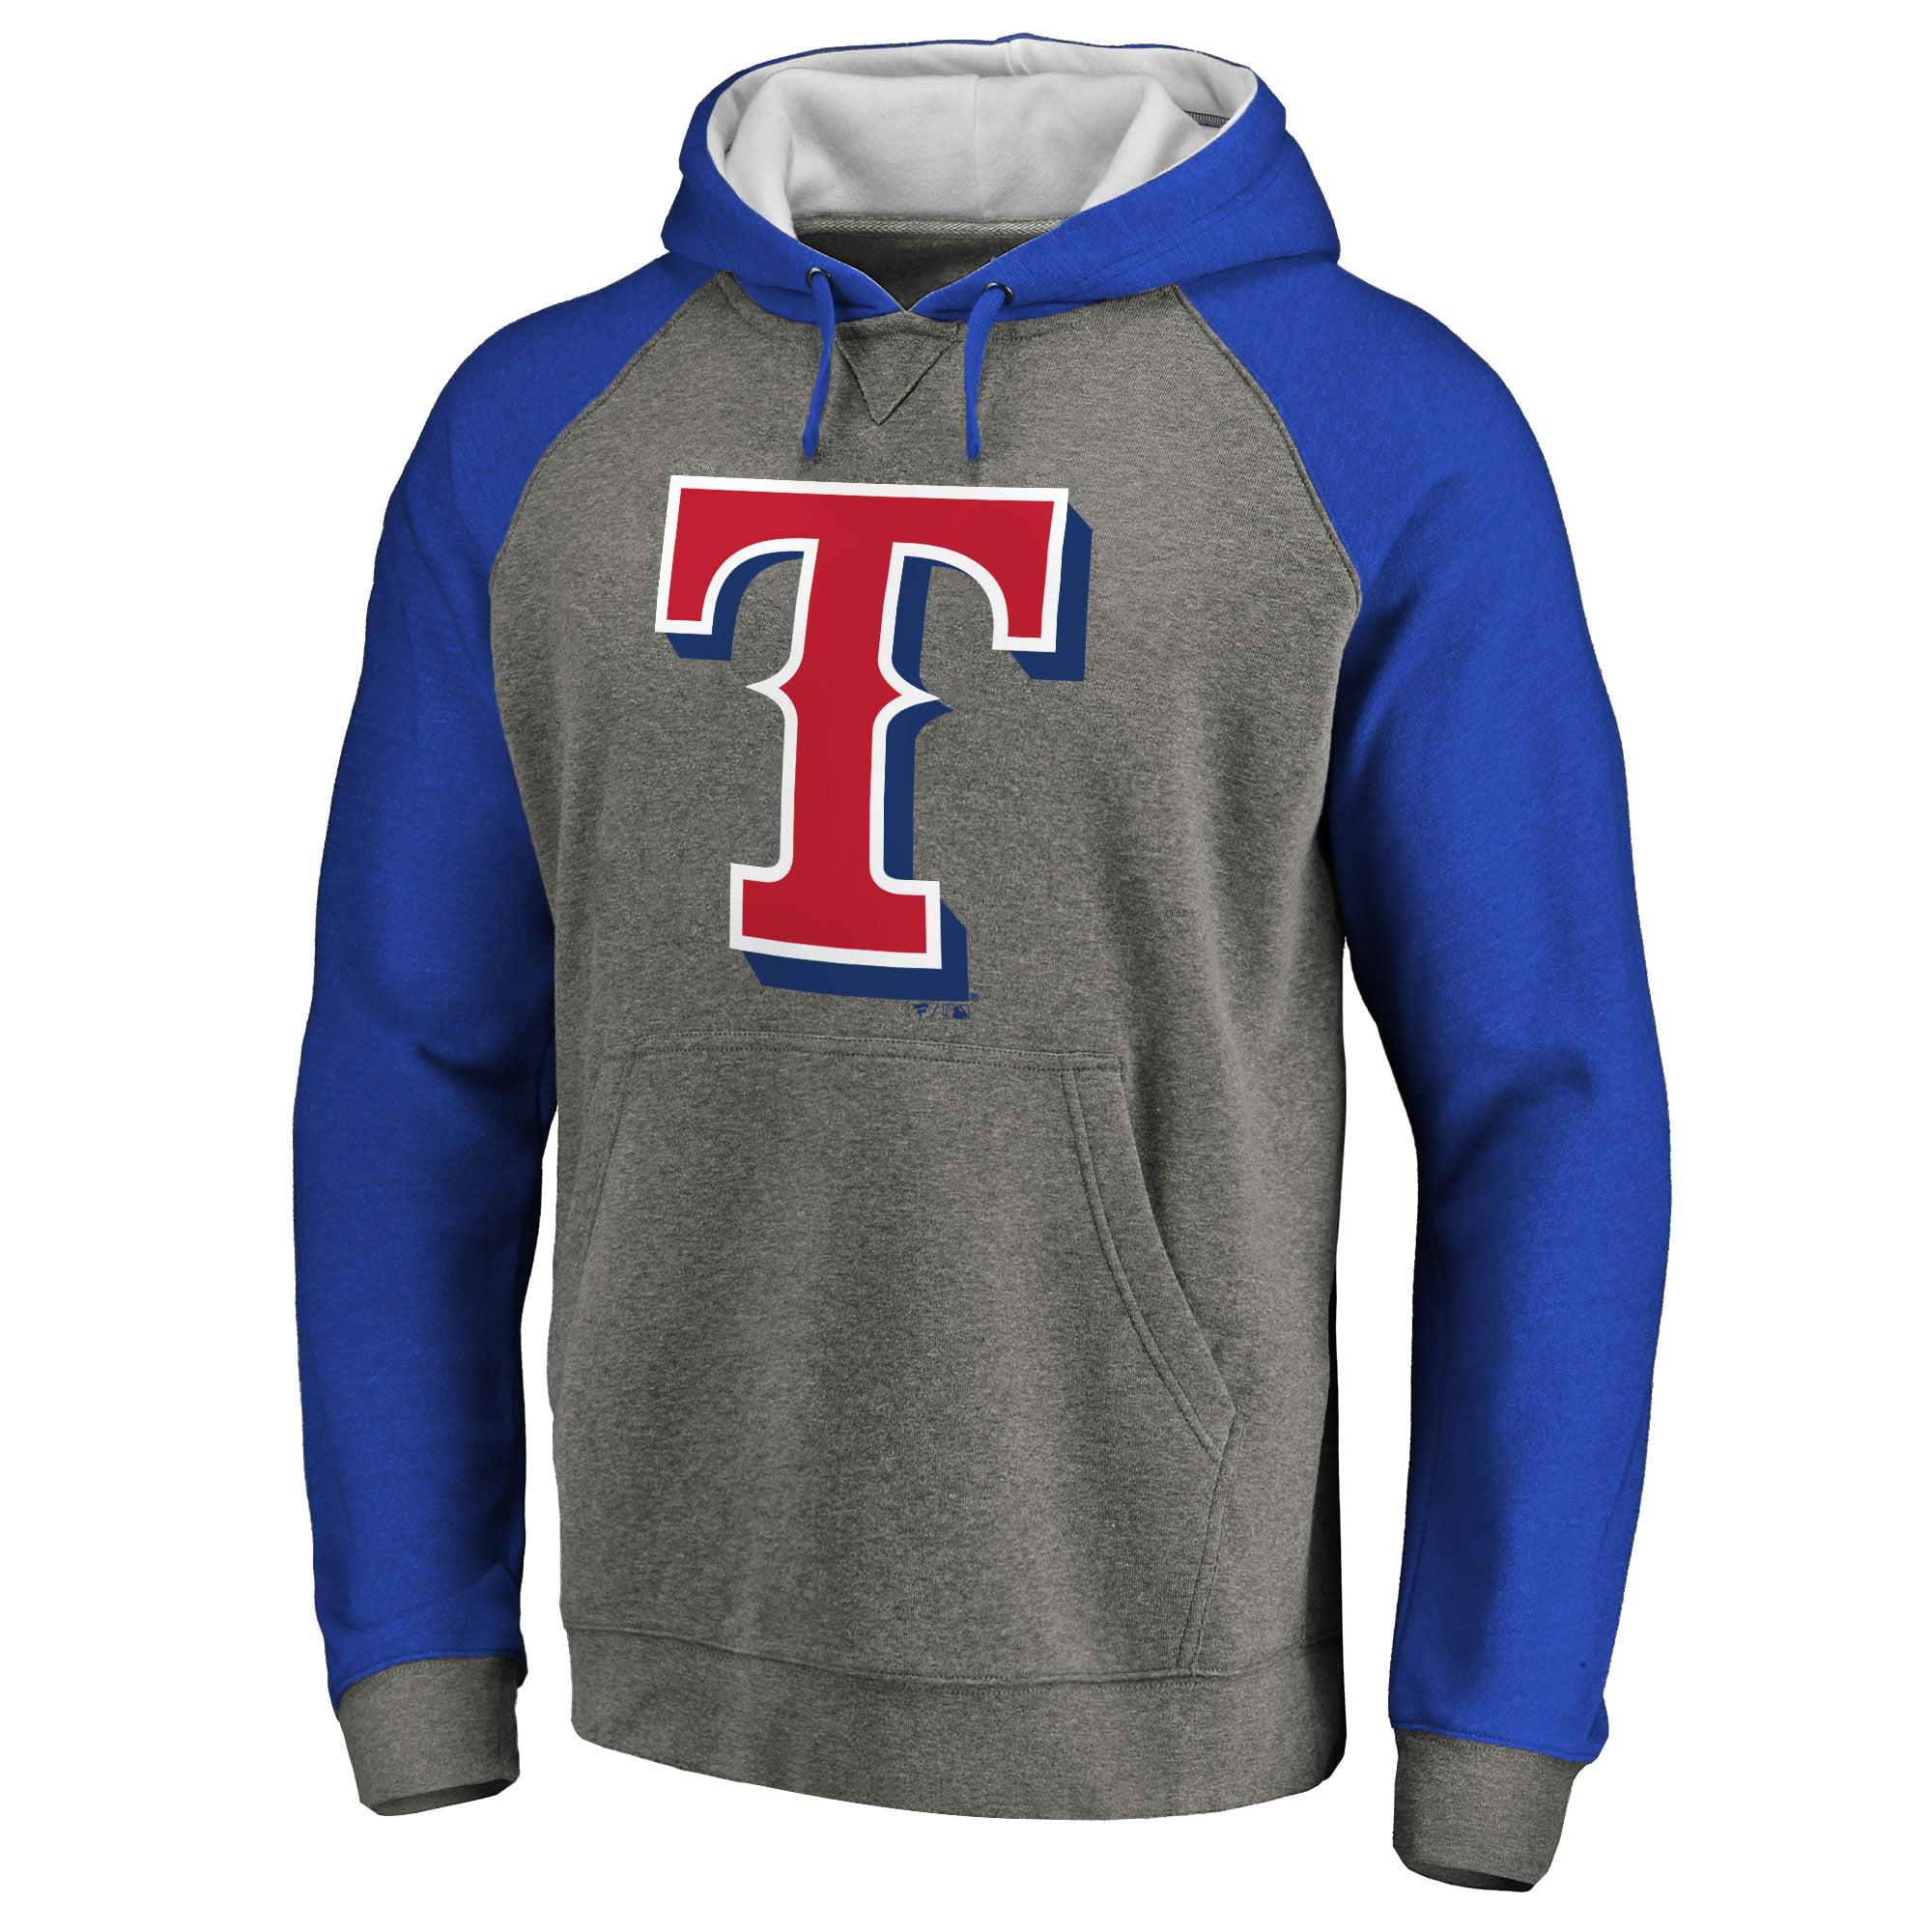 Texas Rangers Primary Logo Raglan Sleeve Tri-Blend Pullover Hoodie - Ash